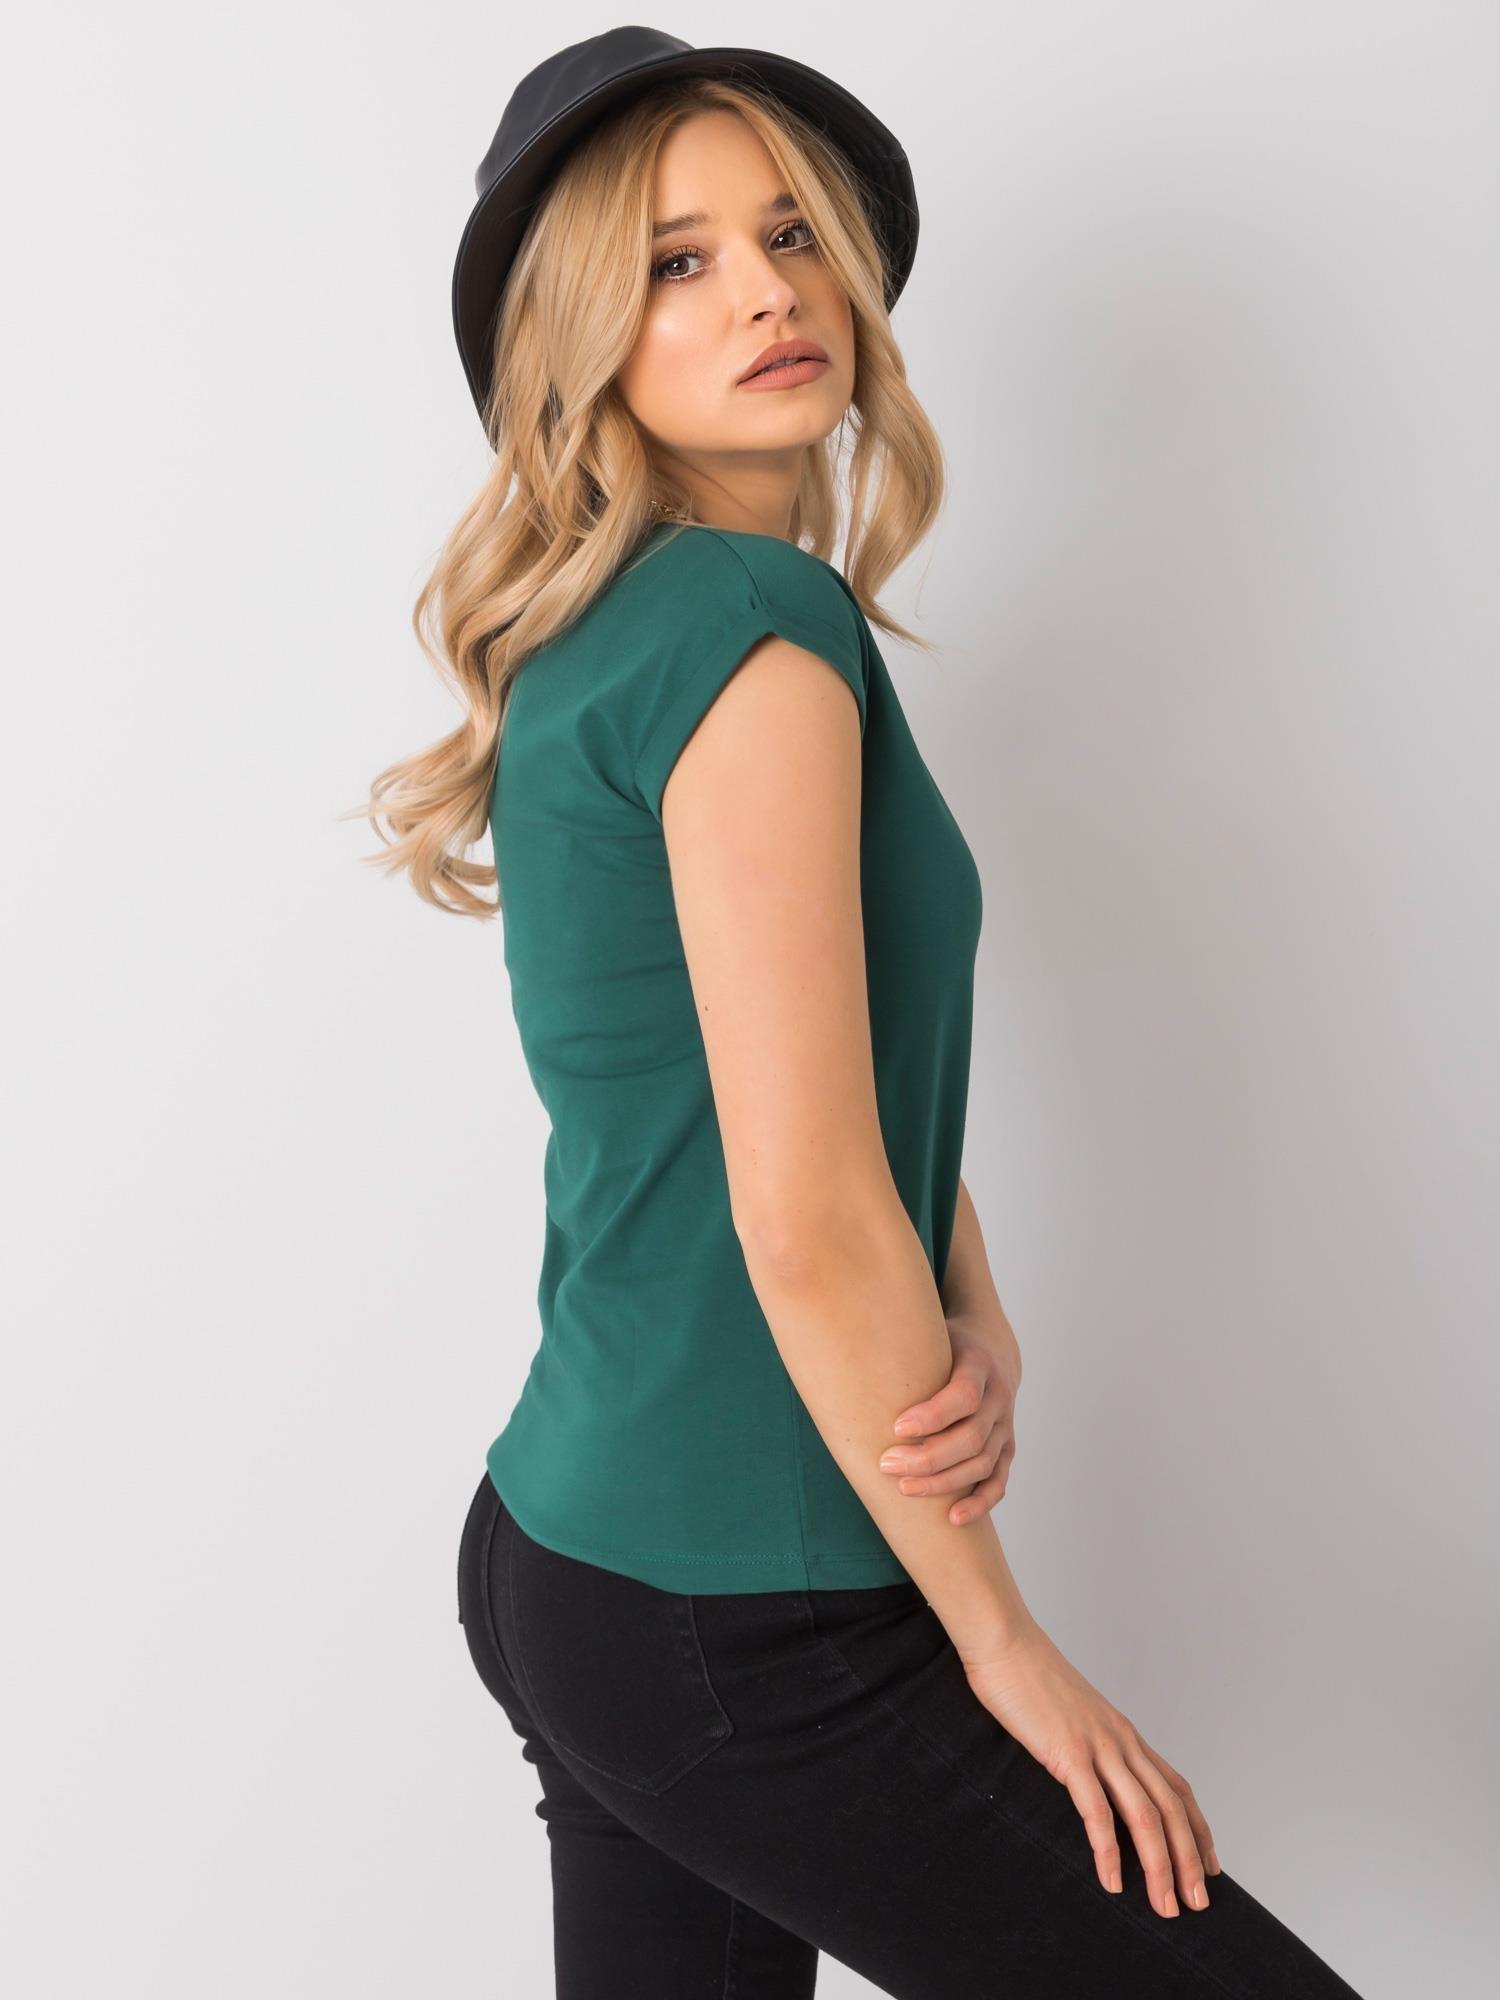 T-Shirt in Dunkelgrün mit V-Ausschnitt Seitenansicht